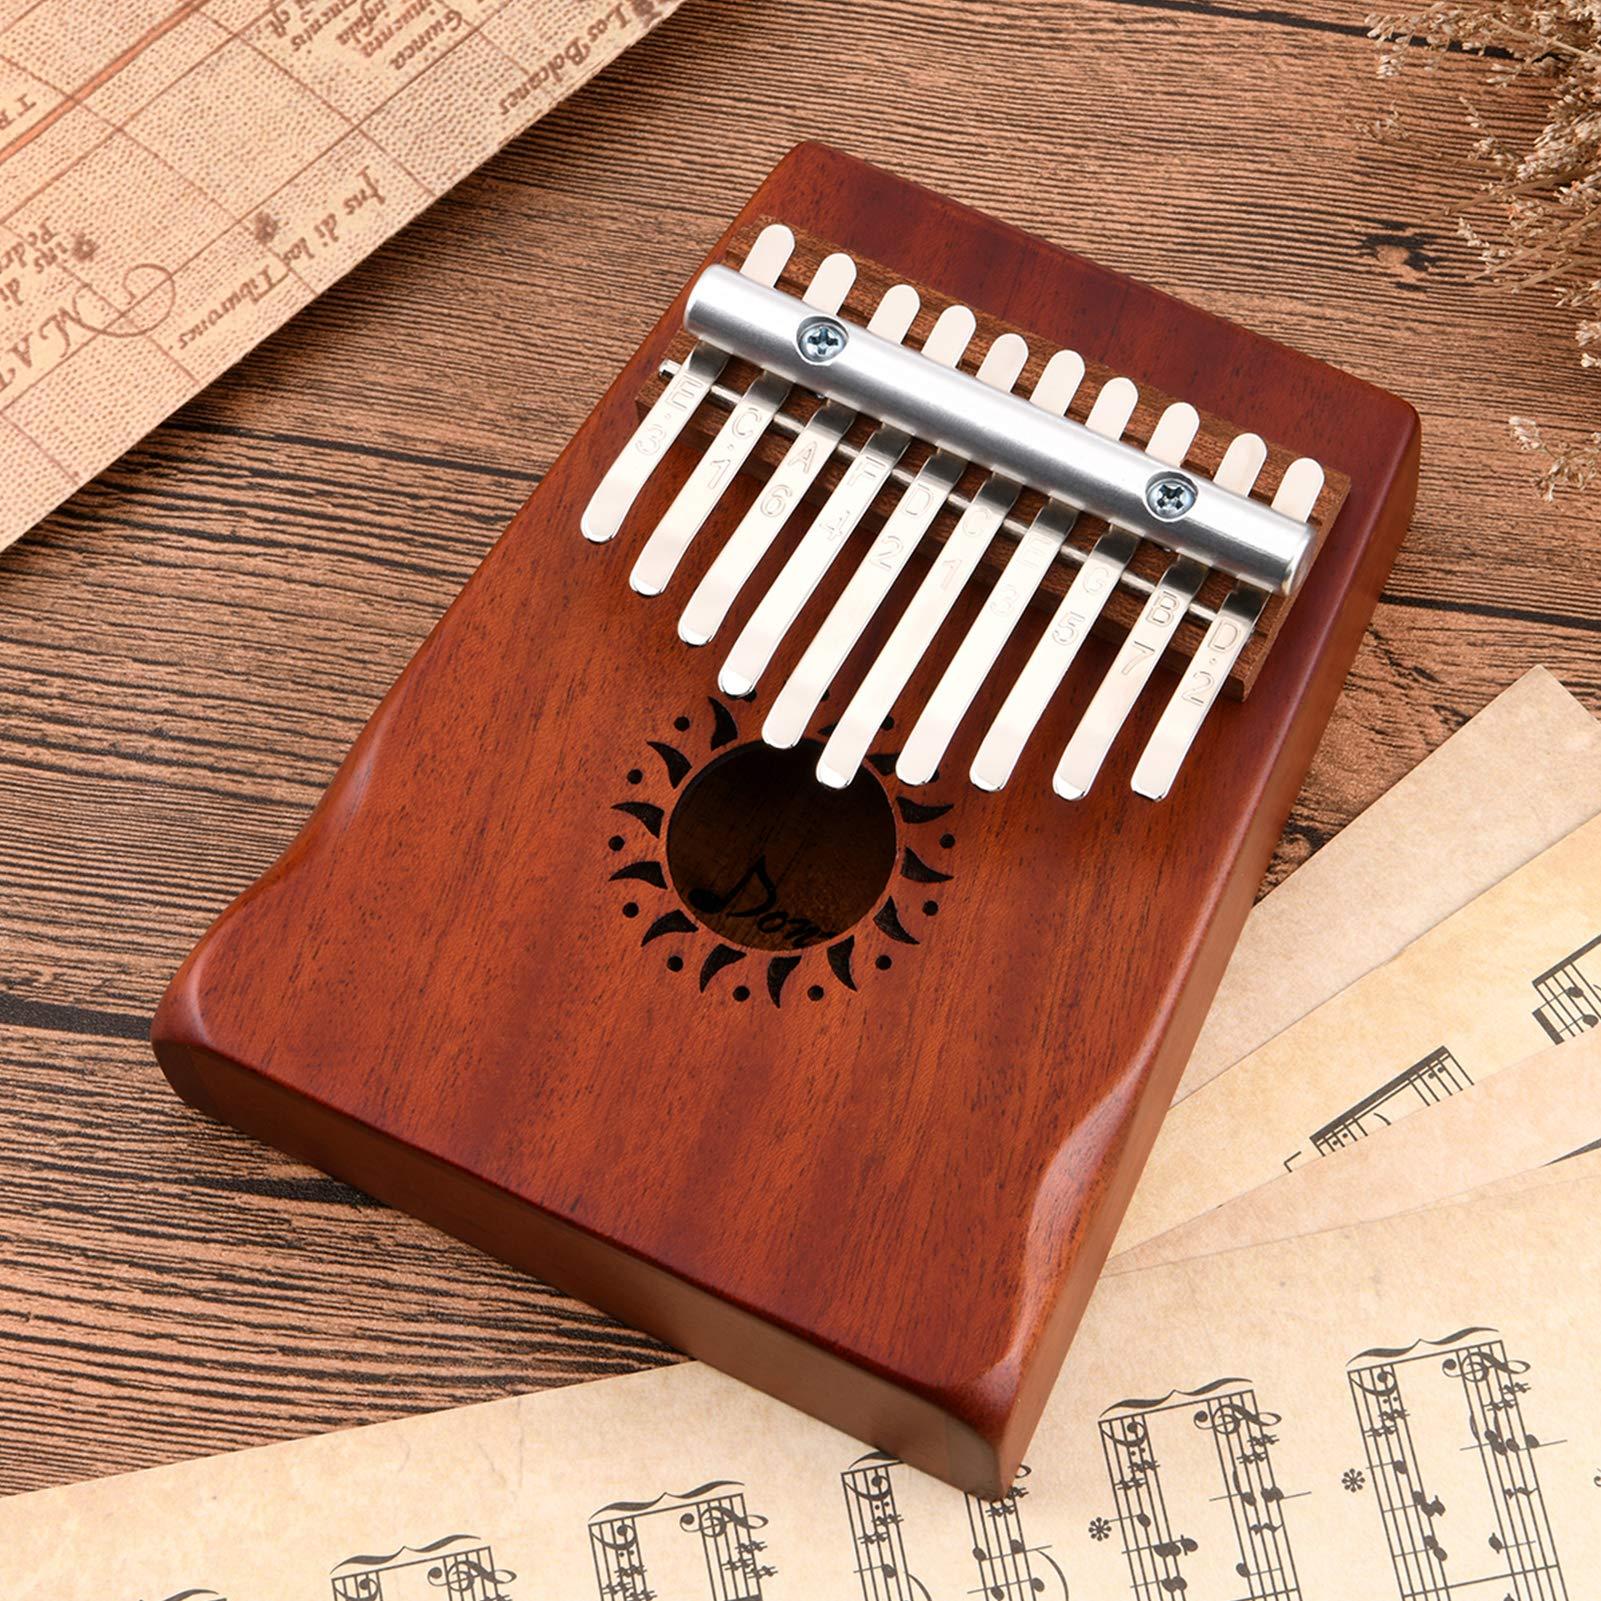 Donner Kalimba 10 Key Thumb Piano Solid Finger Piano Mahogany Body with Case, DKL-10